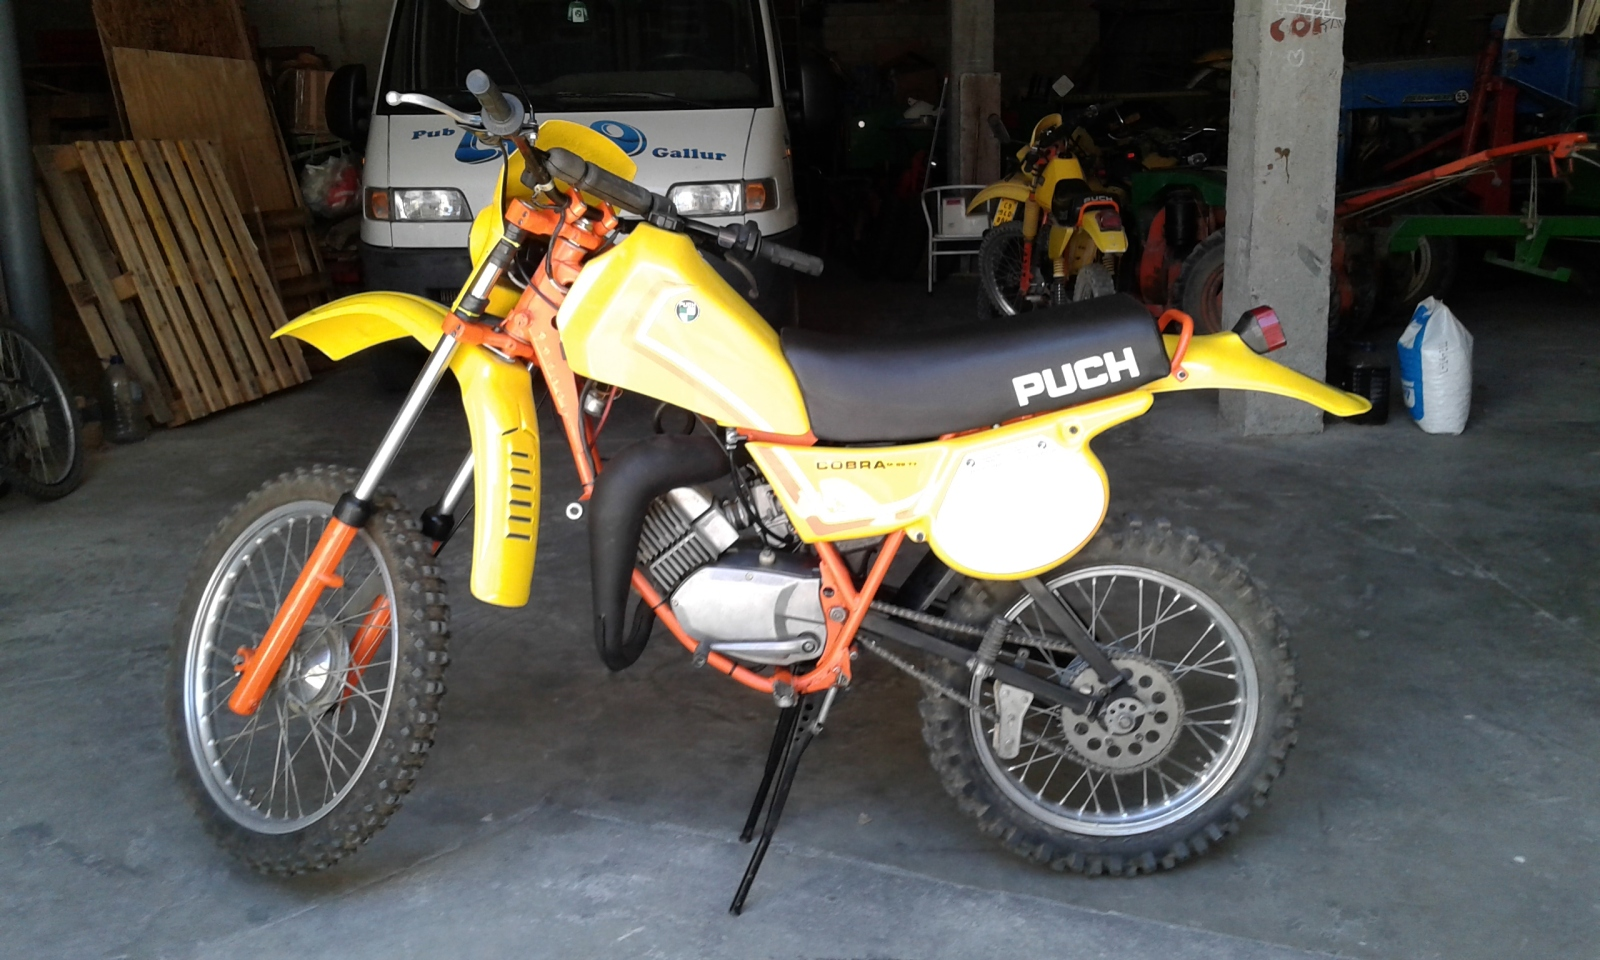 Puch Cobra M-82 2ª serie 2wqzol3